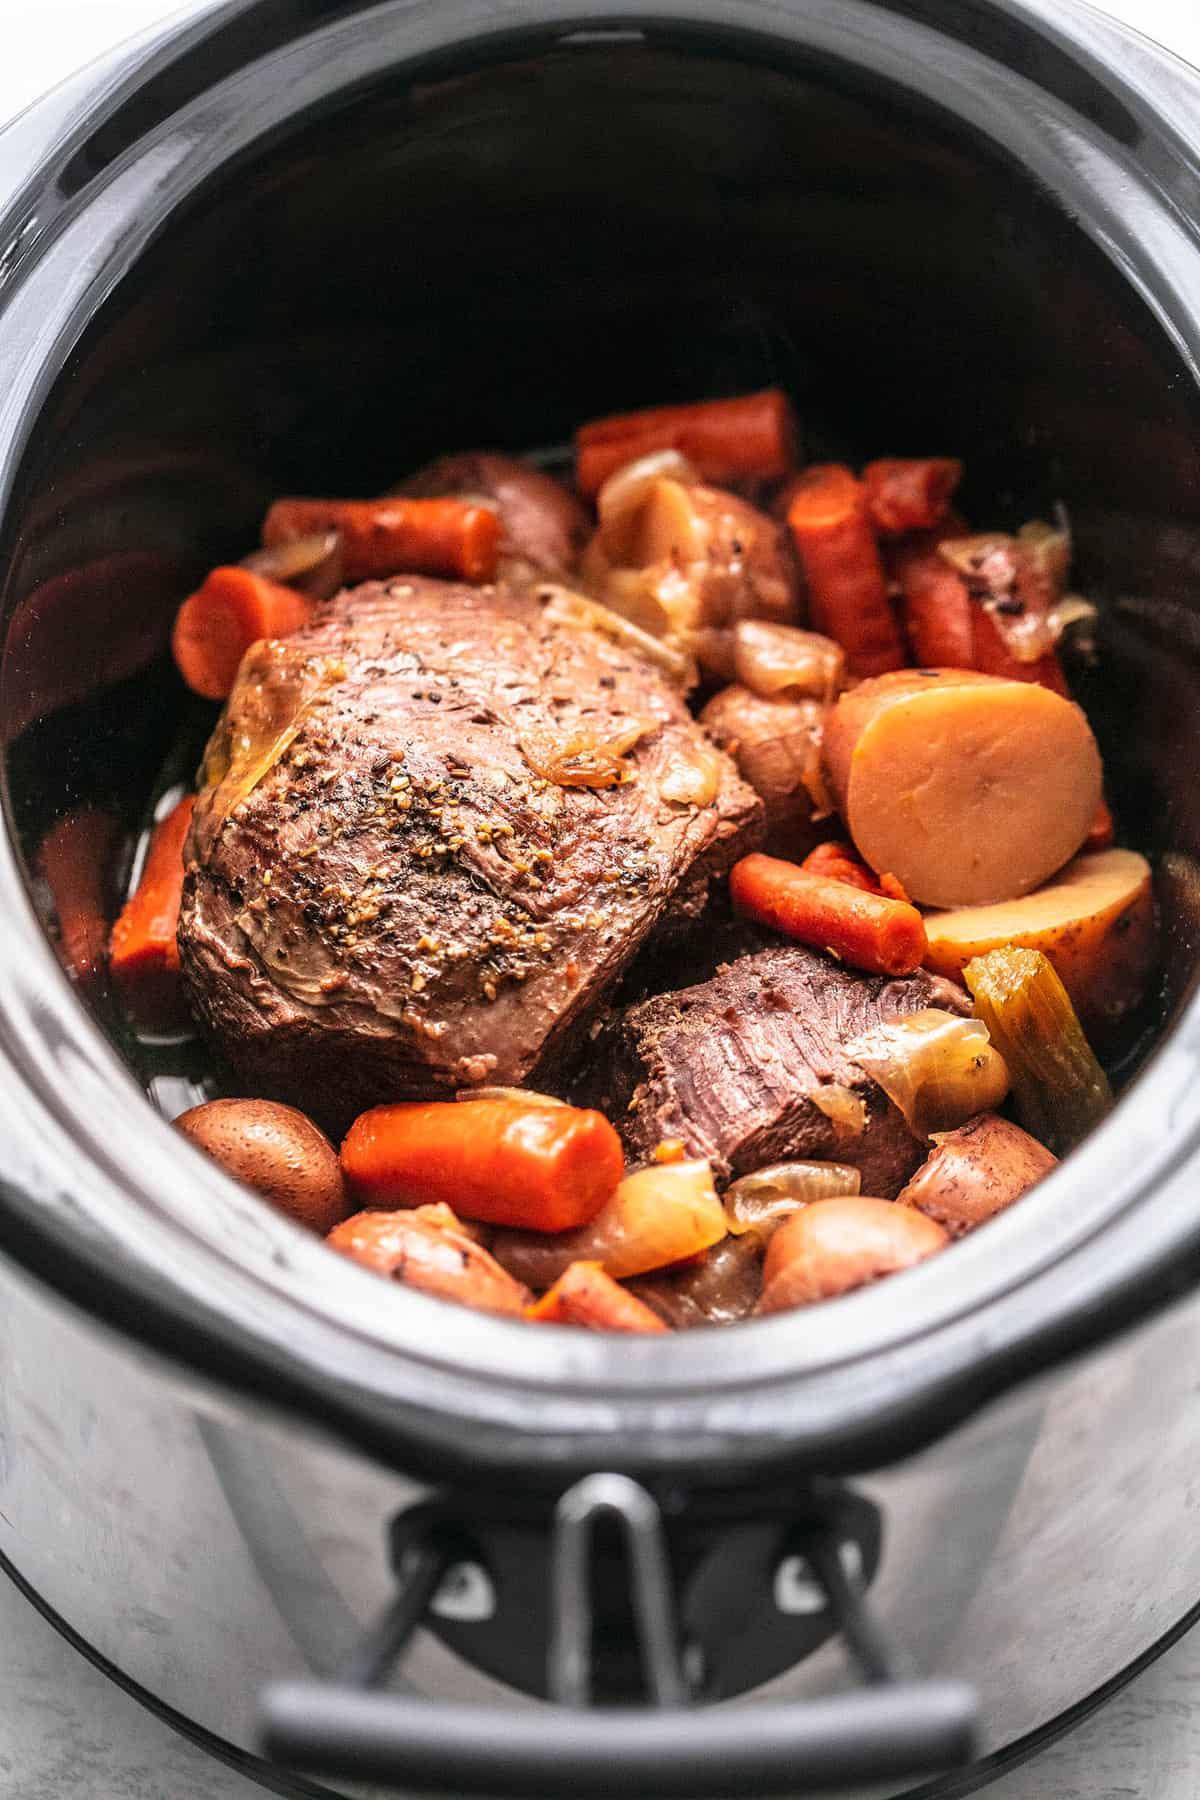 Das Rezept für SLOW COOKER BEEF ROAST macht es in Ihrem Crockpot (oder Schnellkochtopf) besonders saftig, zart und lecker lecremedelacrumb.com